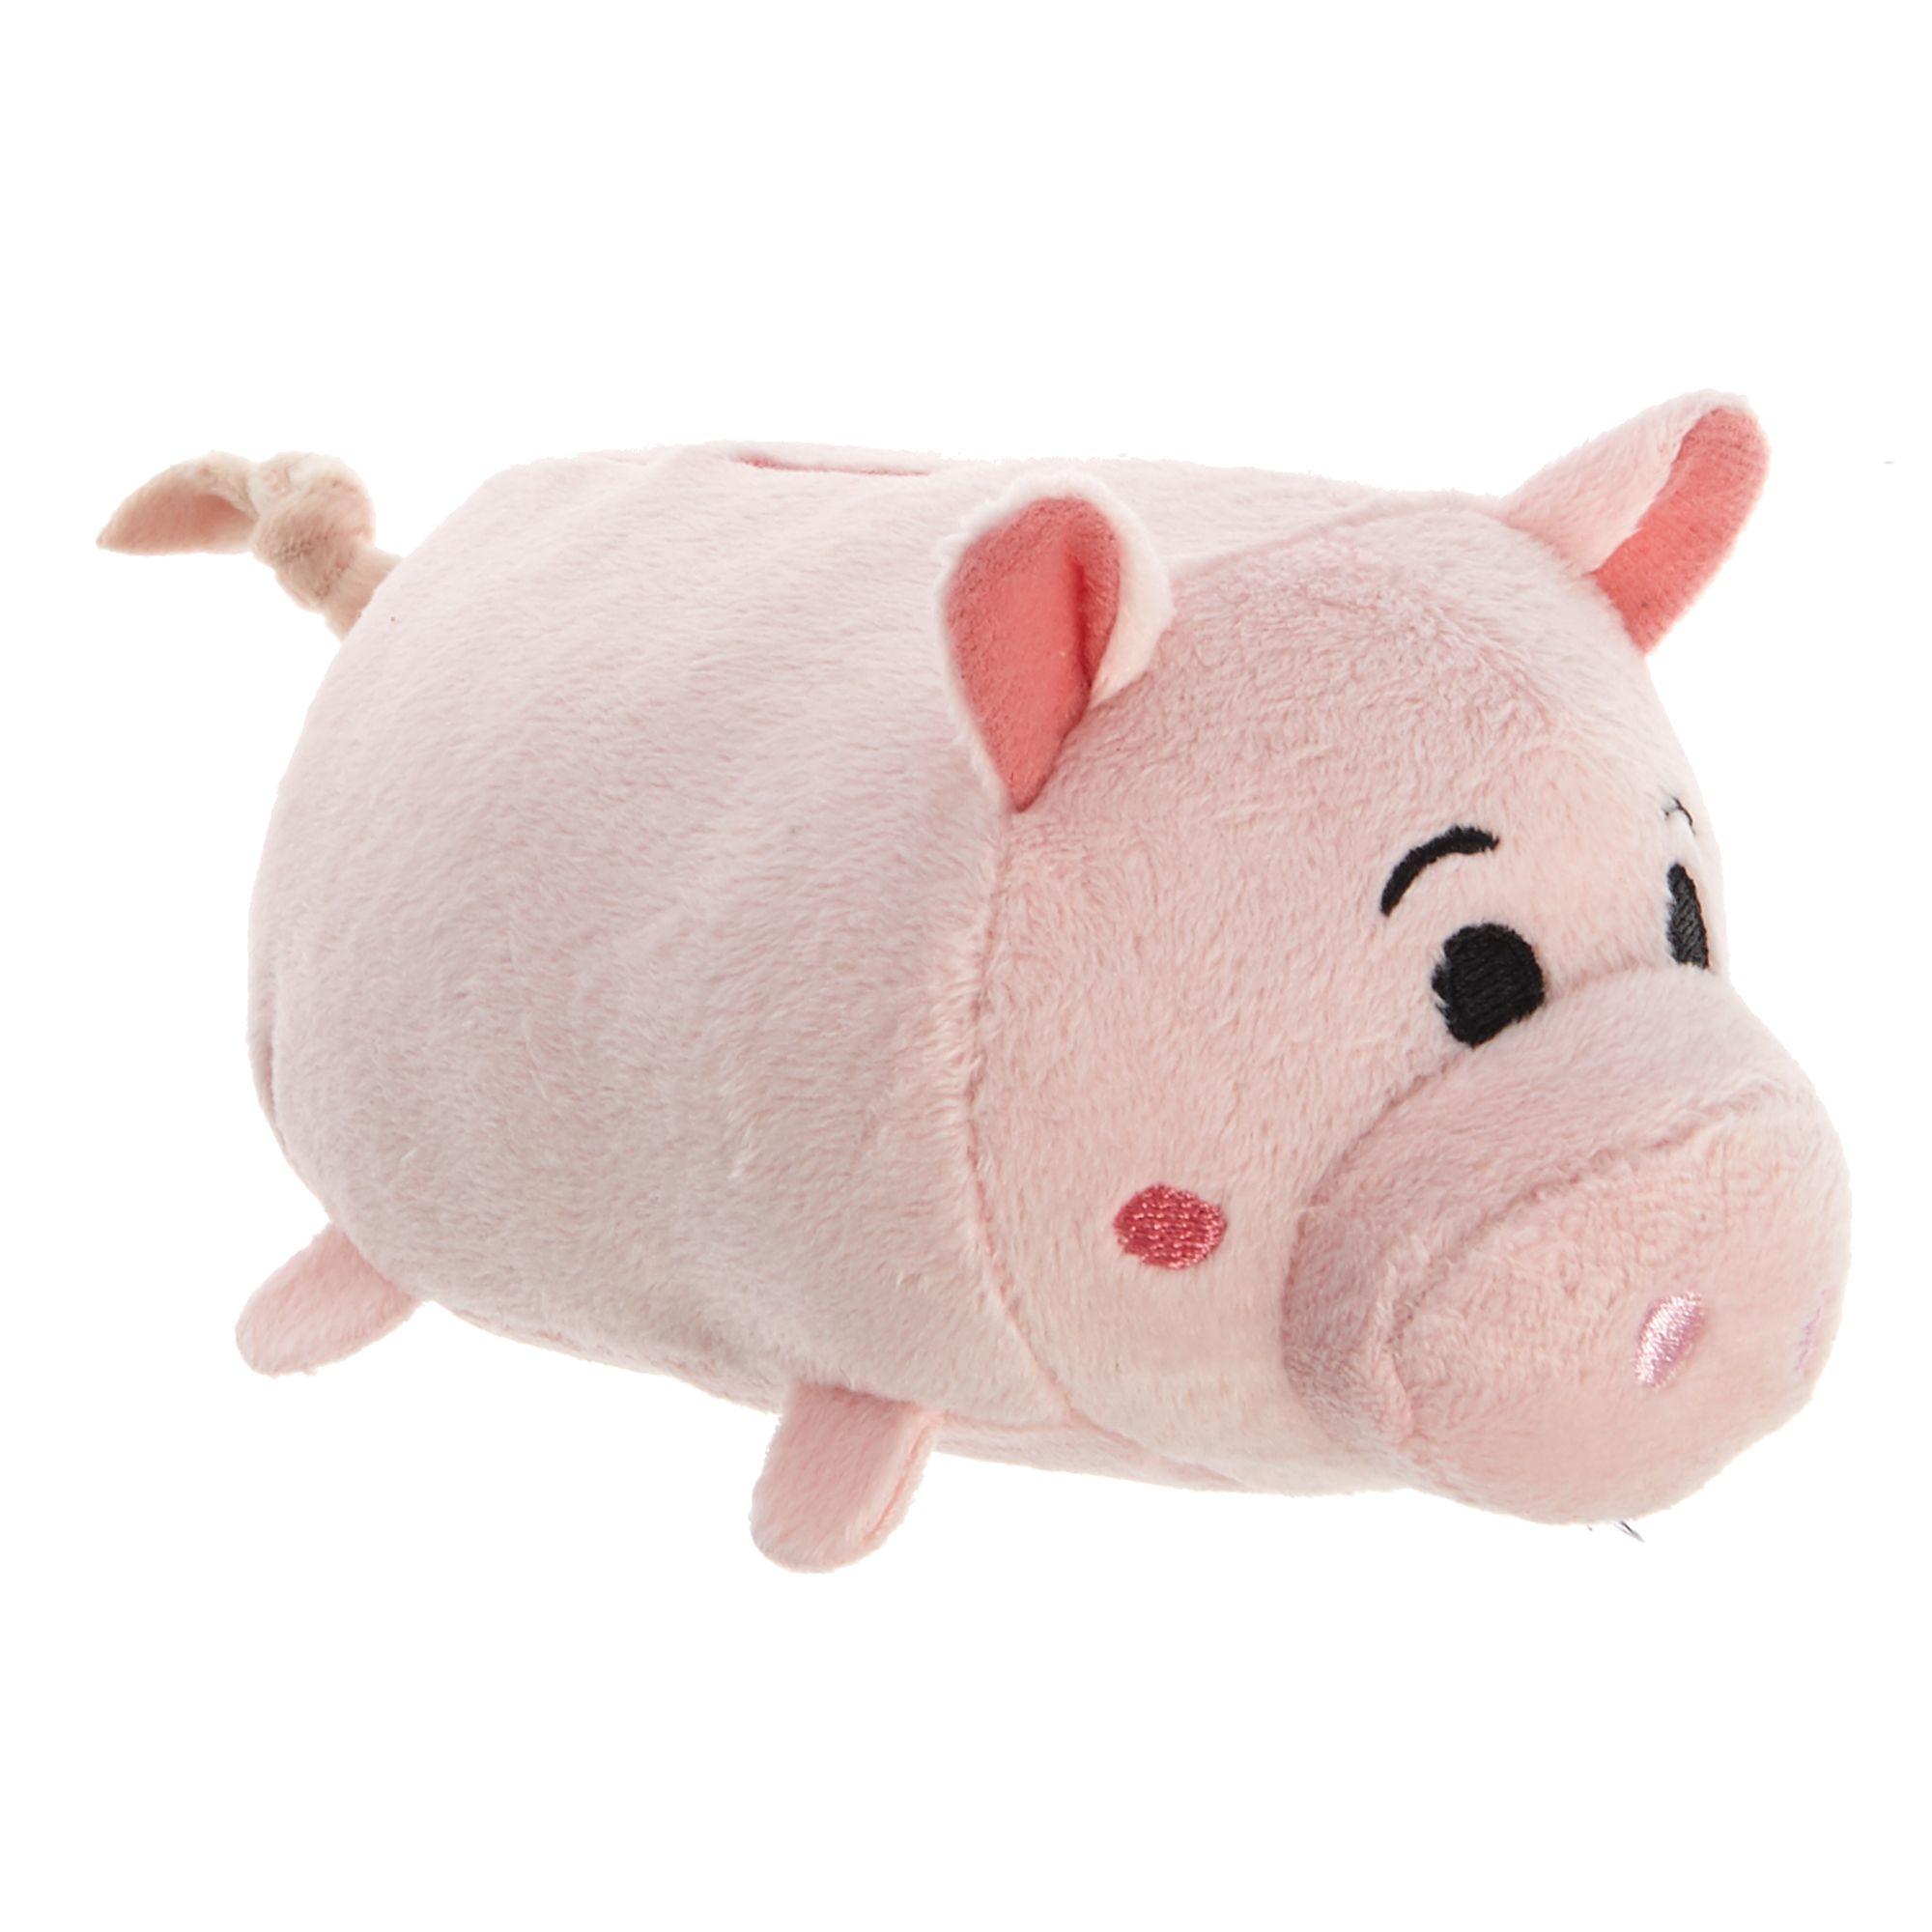 """Disney Hamm """"Tsum Tsum"""" Dog Toy - Plush, Squeaker size: Large 5274251"""